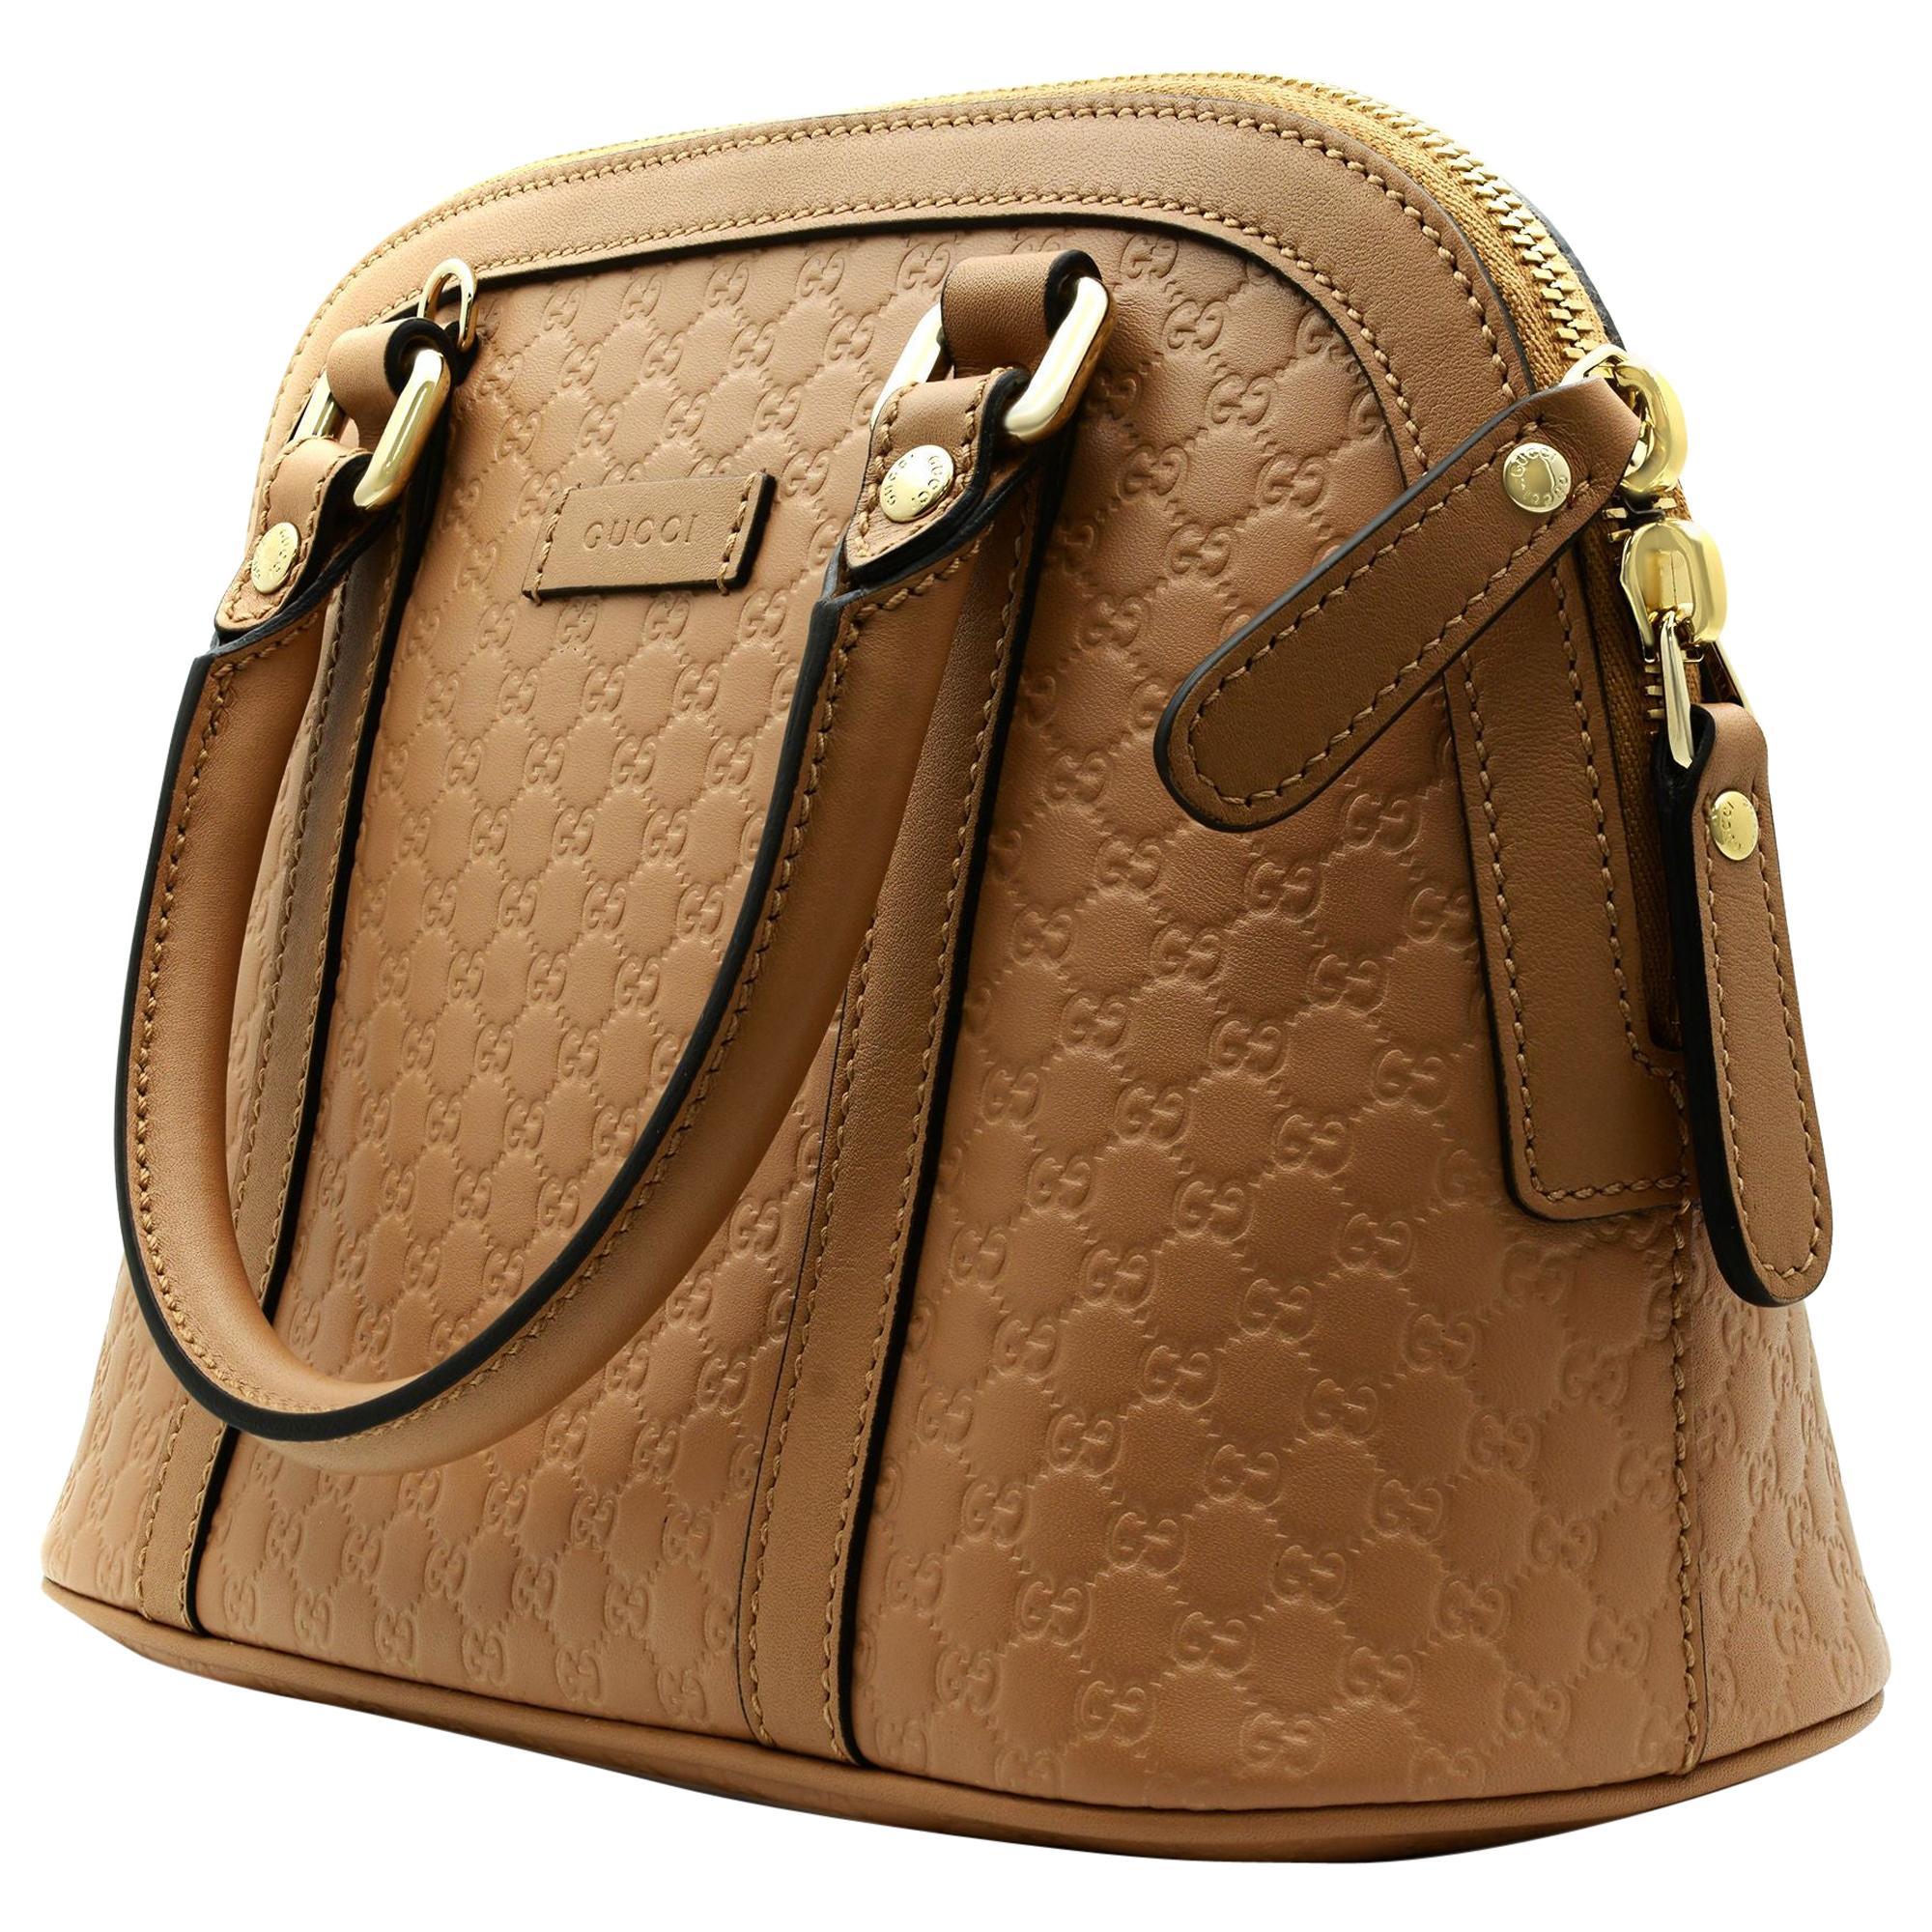 Gucci Guccissima Beige Leather Convertible Micro GG Small Dome Satchel Bag